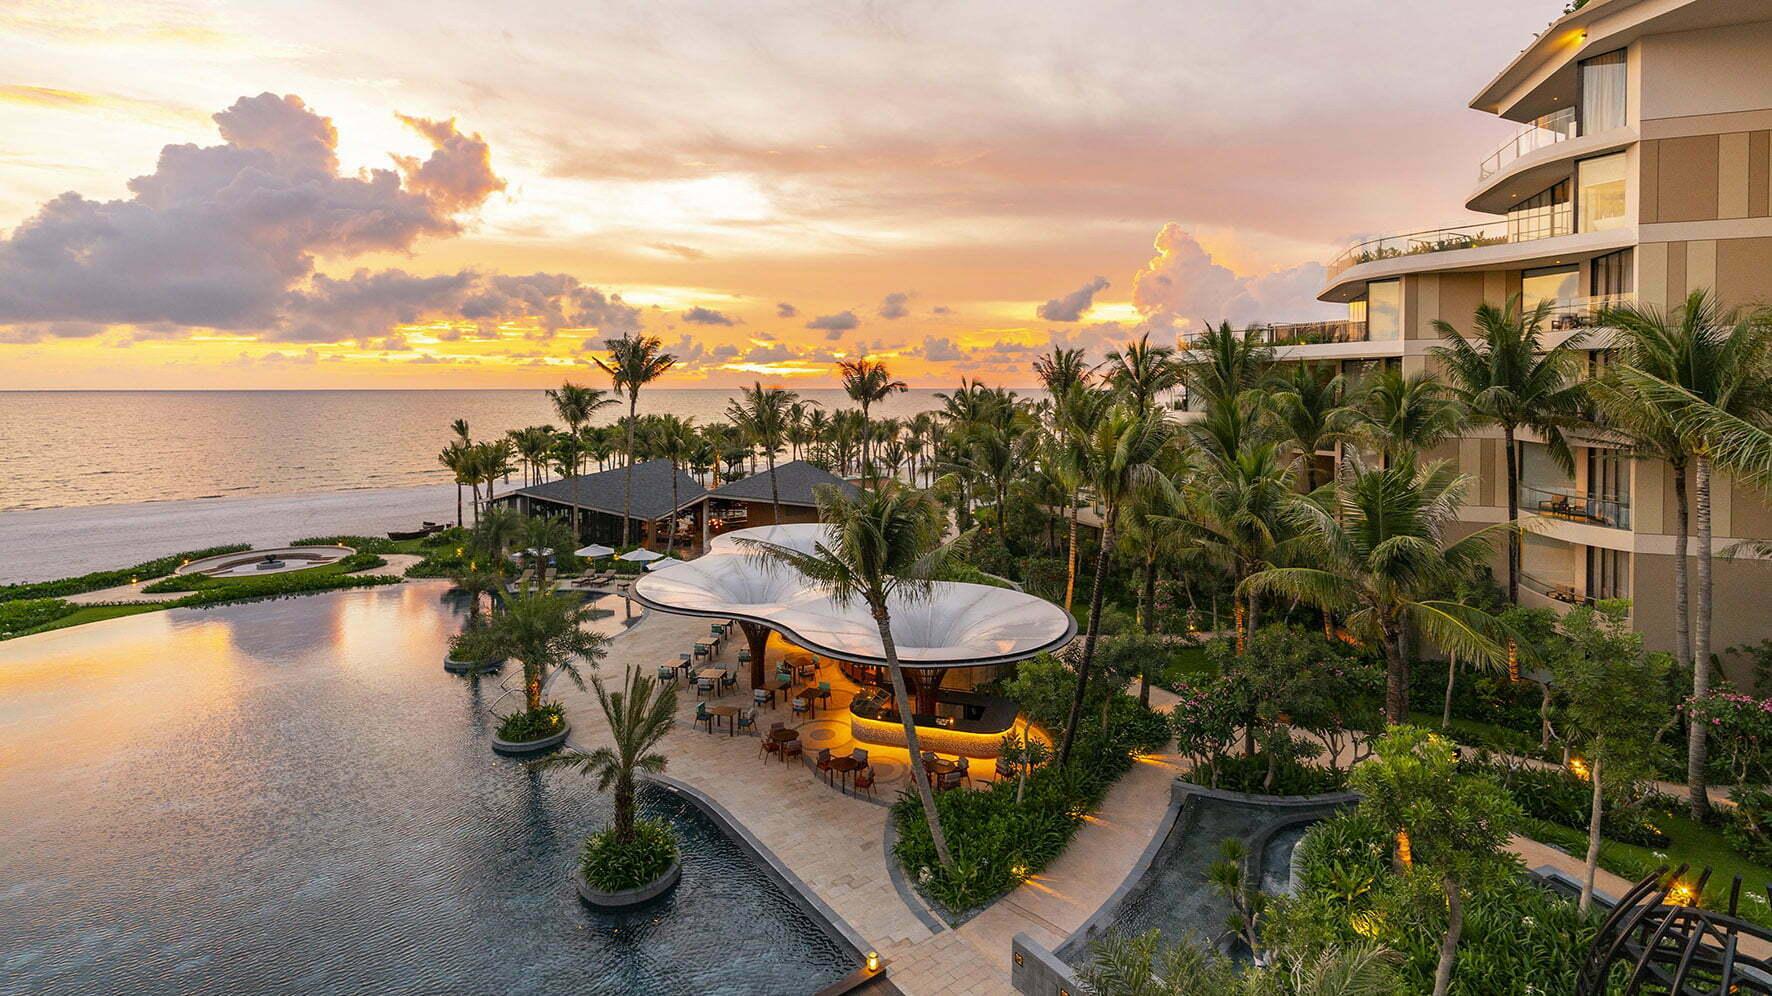 InterContinental Hotels & Resorts - Thương hiệu của sự sang trọng, đẳng cấp bậc nhất đã được khẳng định trên toàn thế giới qua nhiều giải thưởng cao quý trong lĩnh vực khách sạn & nghỉ dưỡng